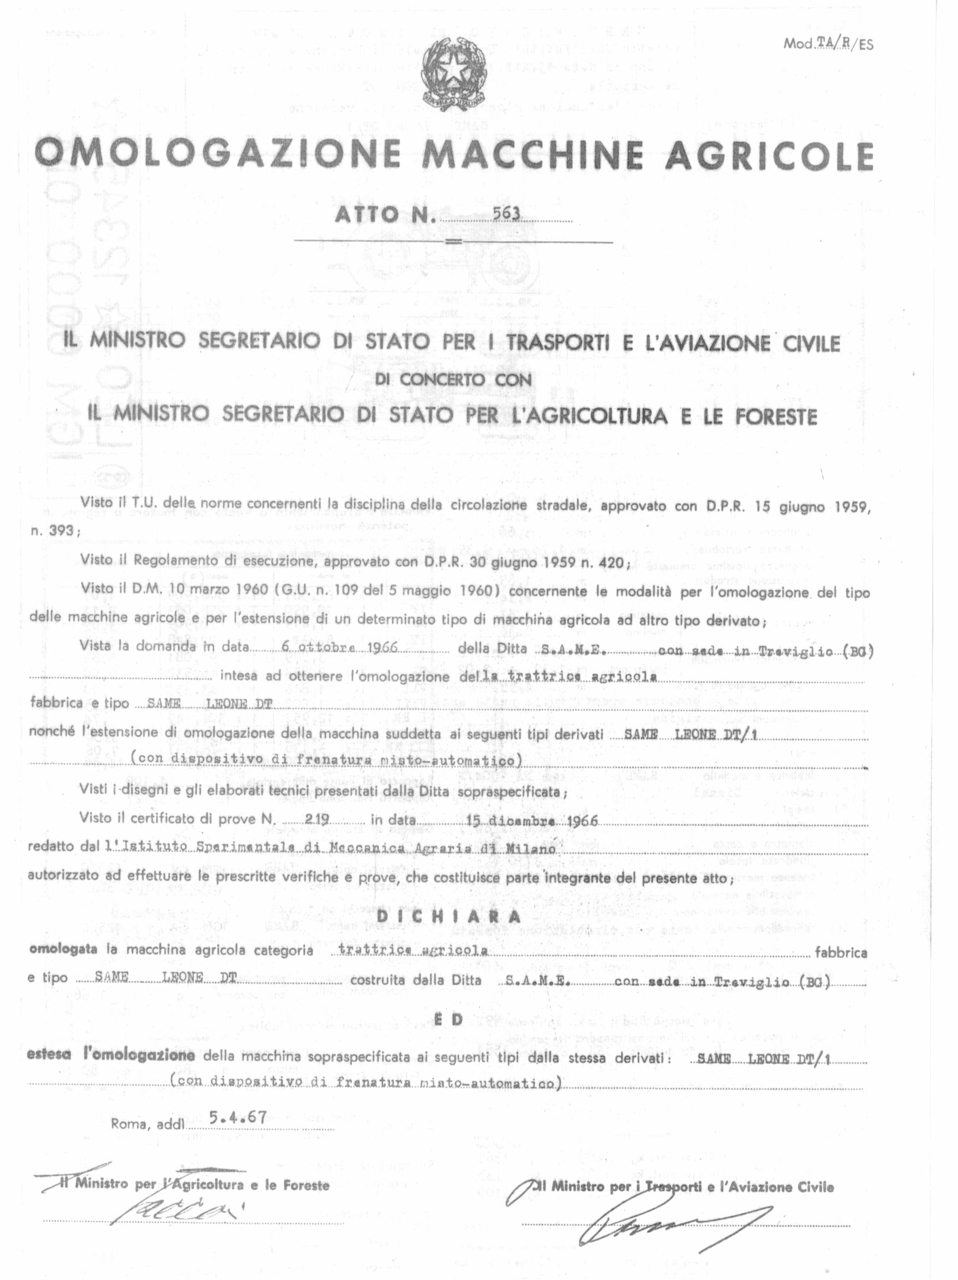 Atto di omologazione della trattrice SAME Leone DT e Leone DT/1